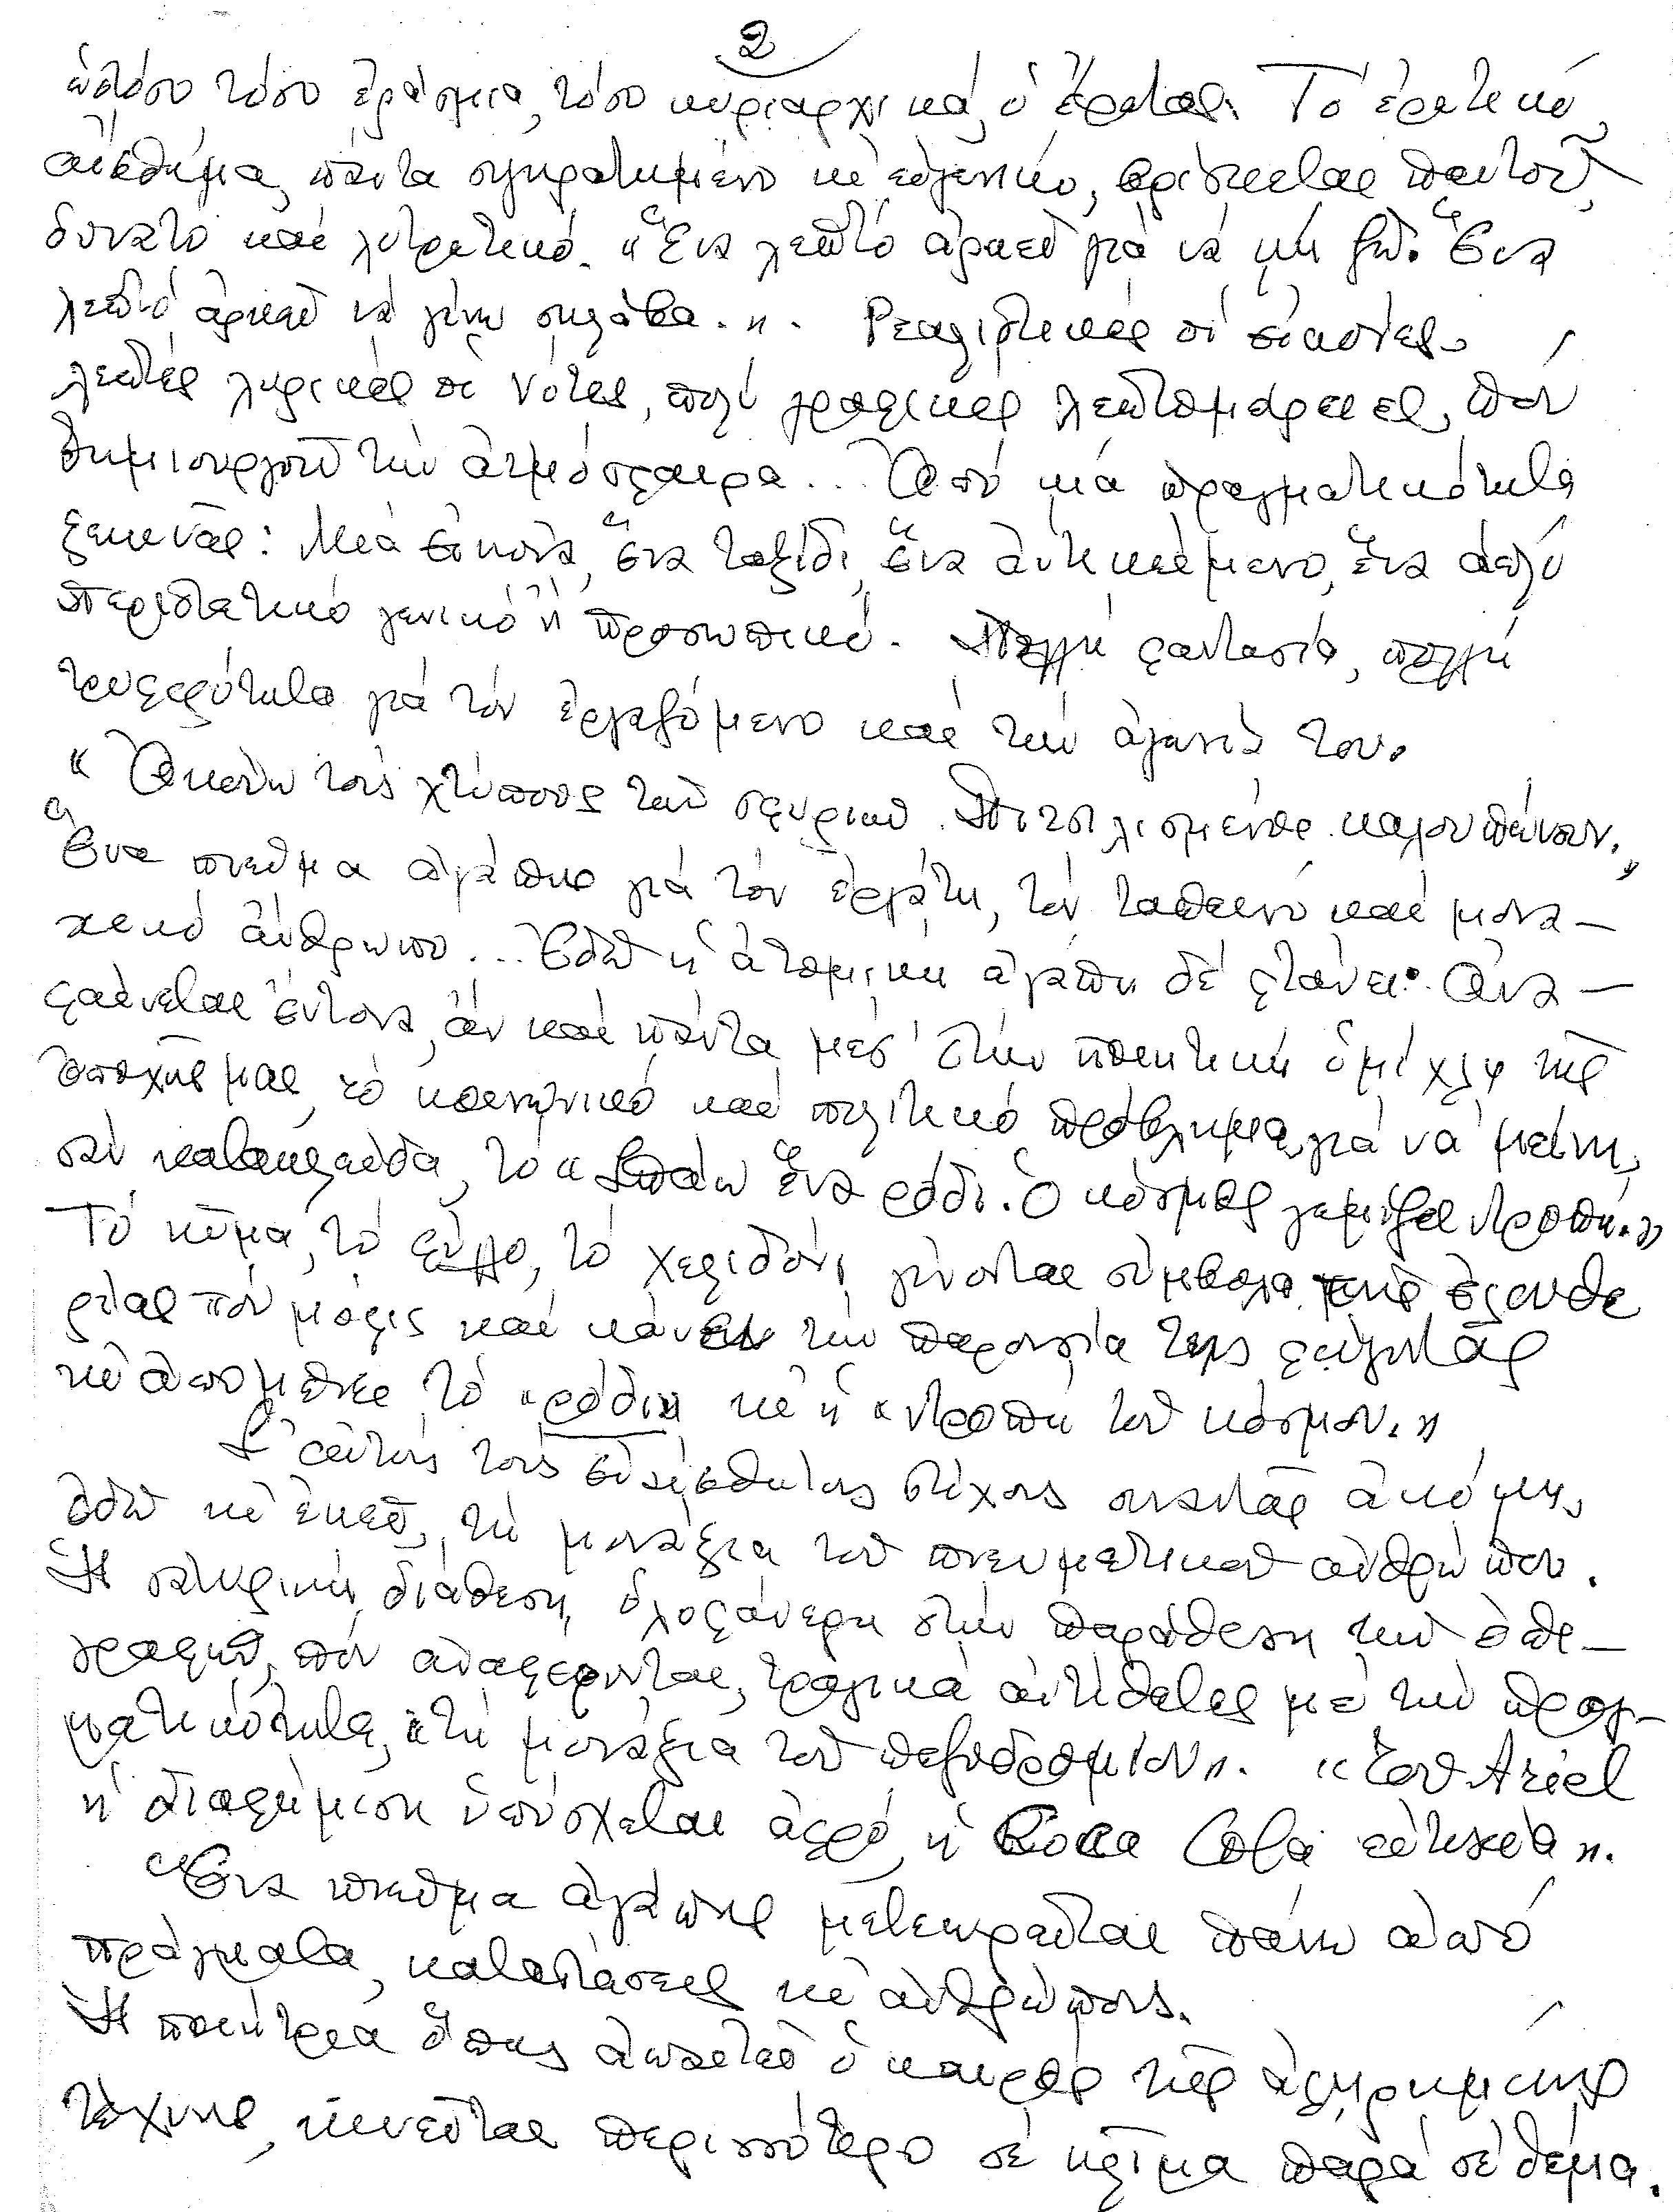 ΕΠΙΣΤΟΛΗ ΣΟΦΙΑΣ ΜΑΥΡΟΕΙΔΗ - ΠΑΠΑΔΑΚΗ2